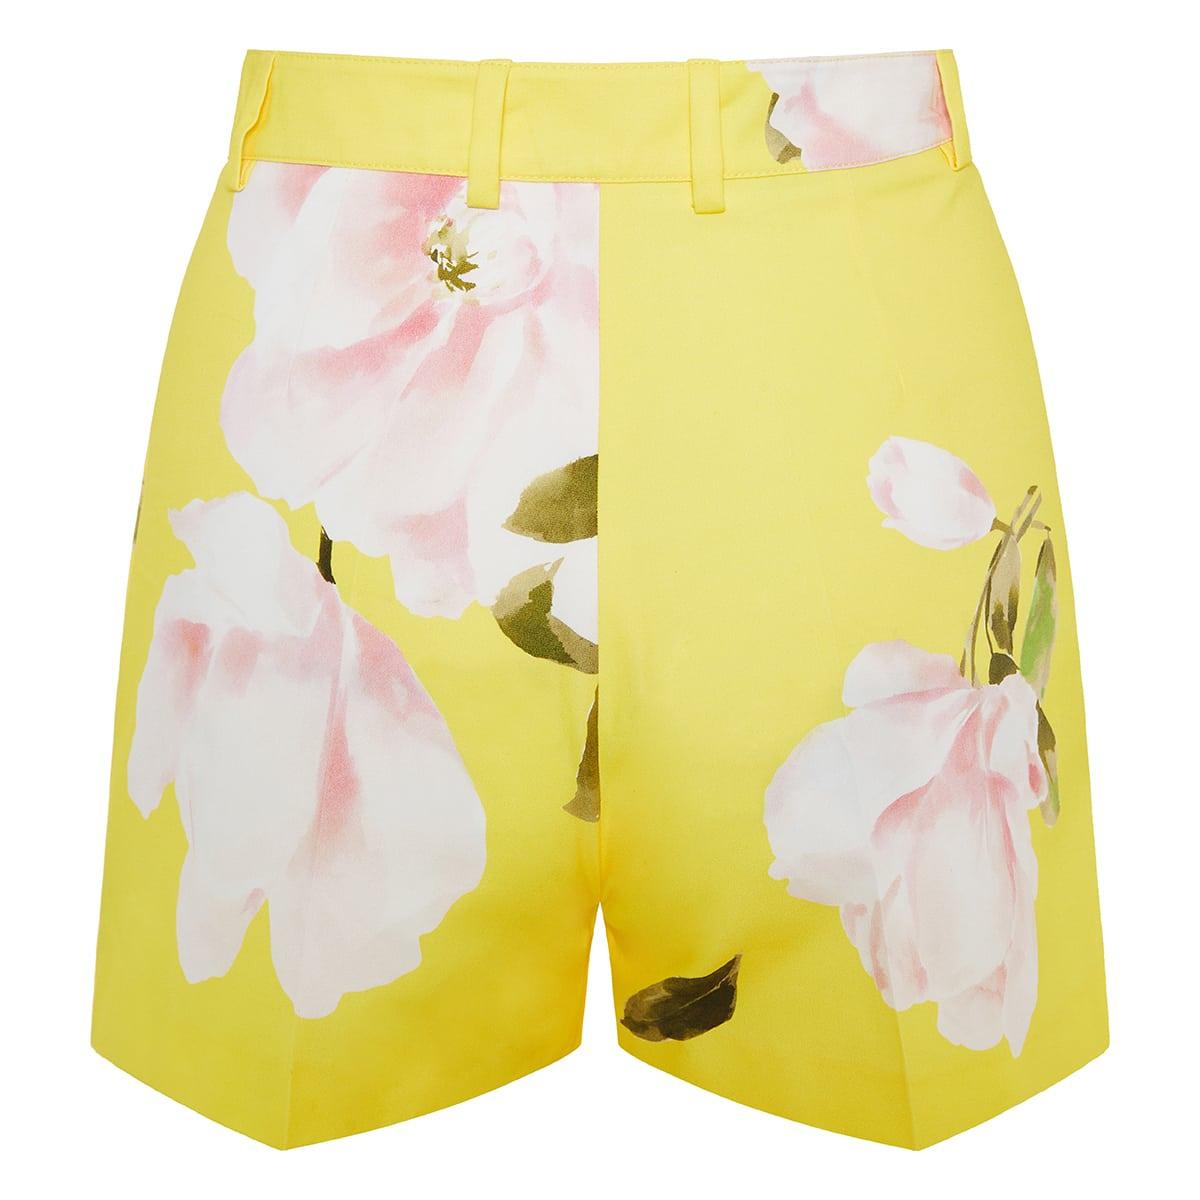 Floral cotton mini shorts